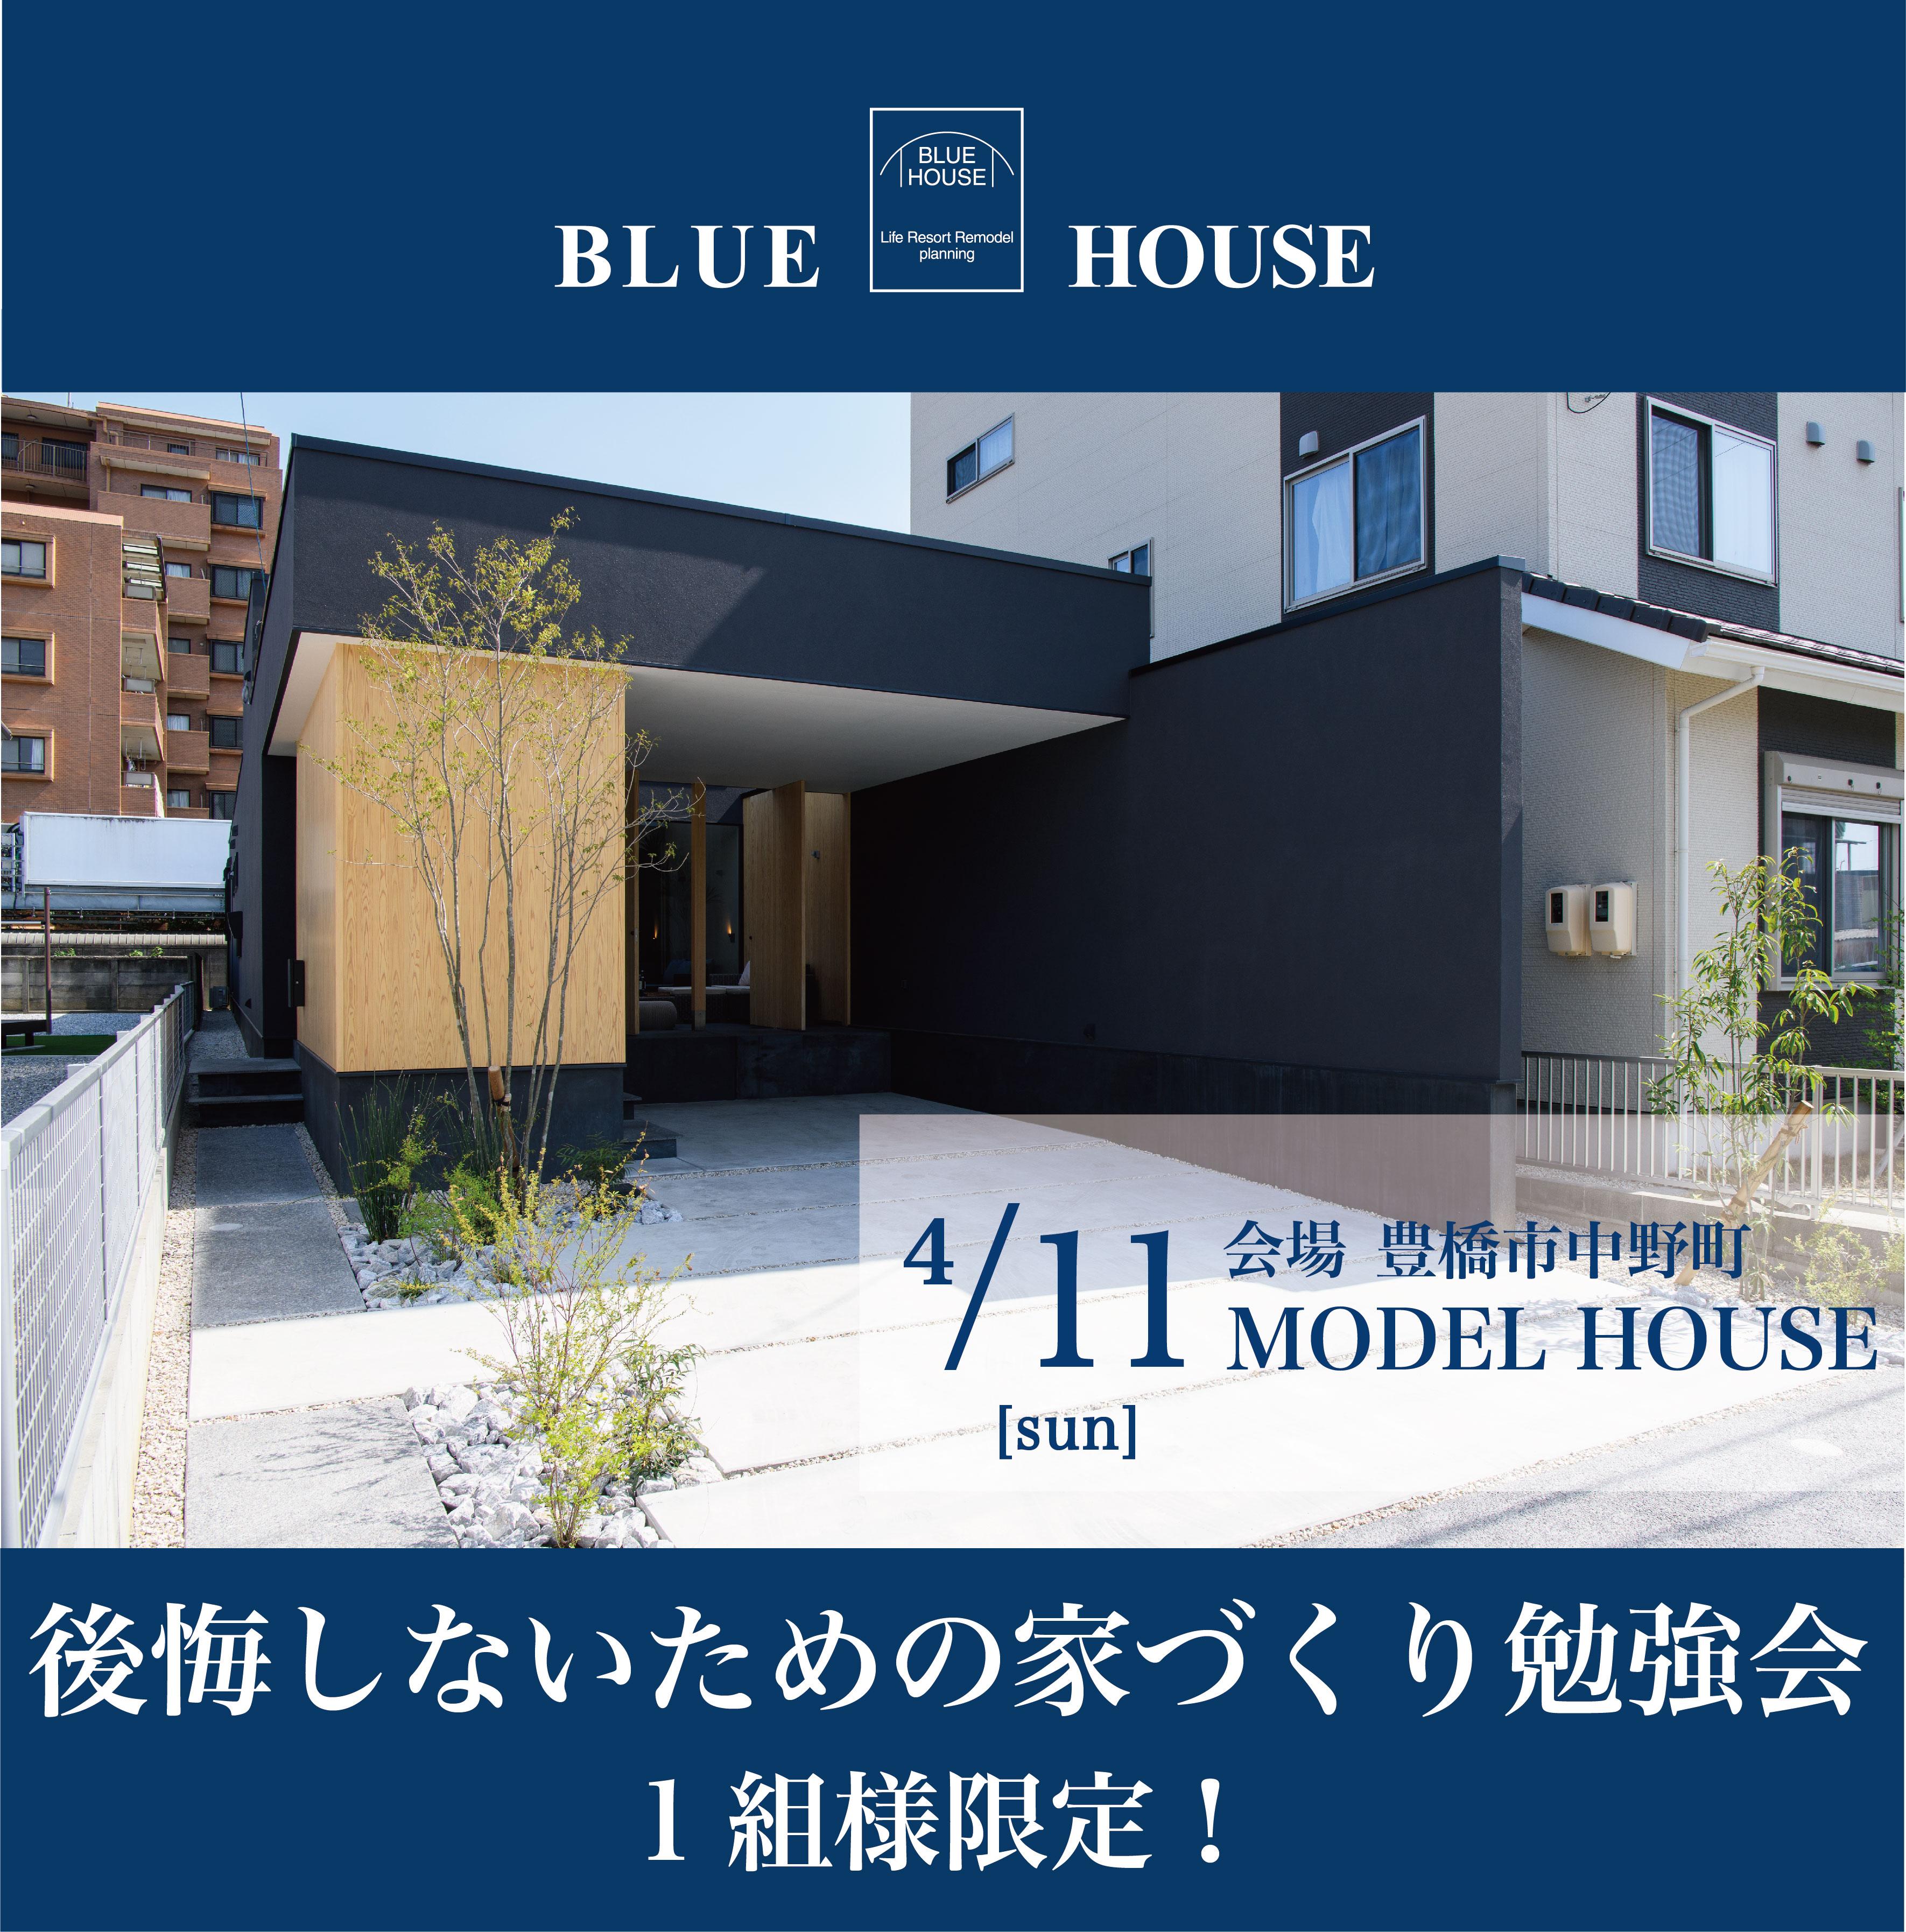 <1組様限定!>モデルハウスで家づくり勉強会開催!!